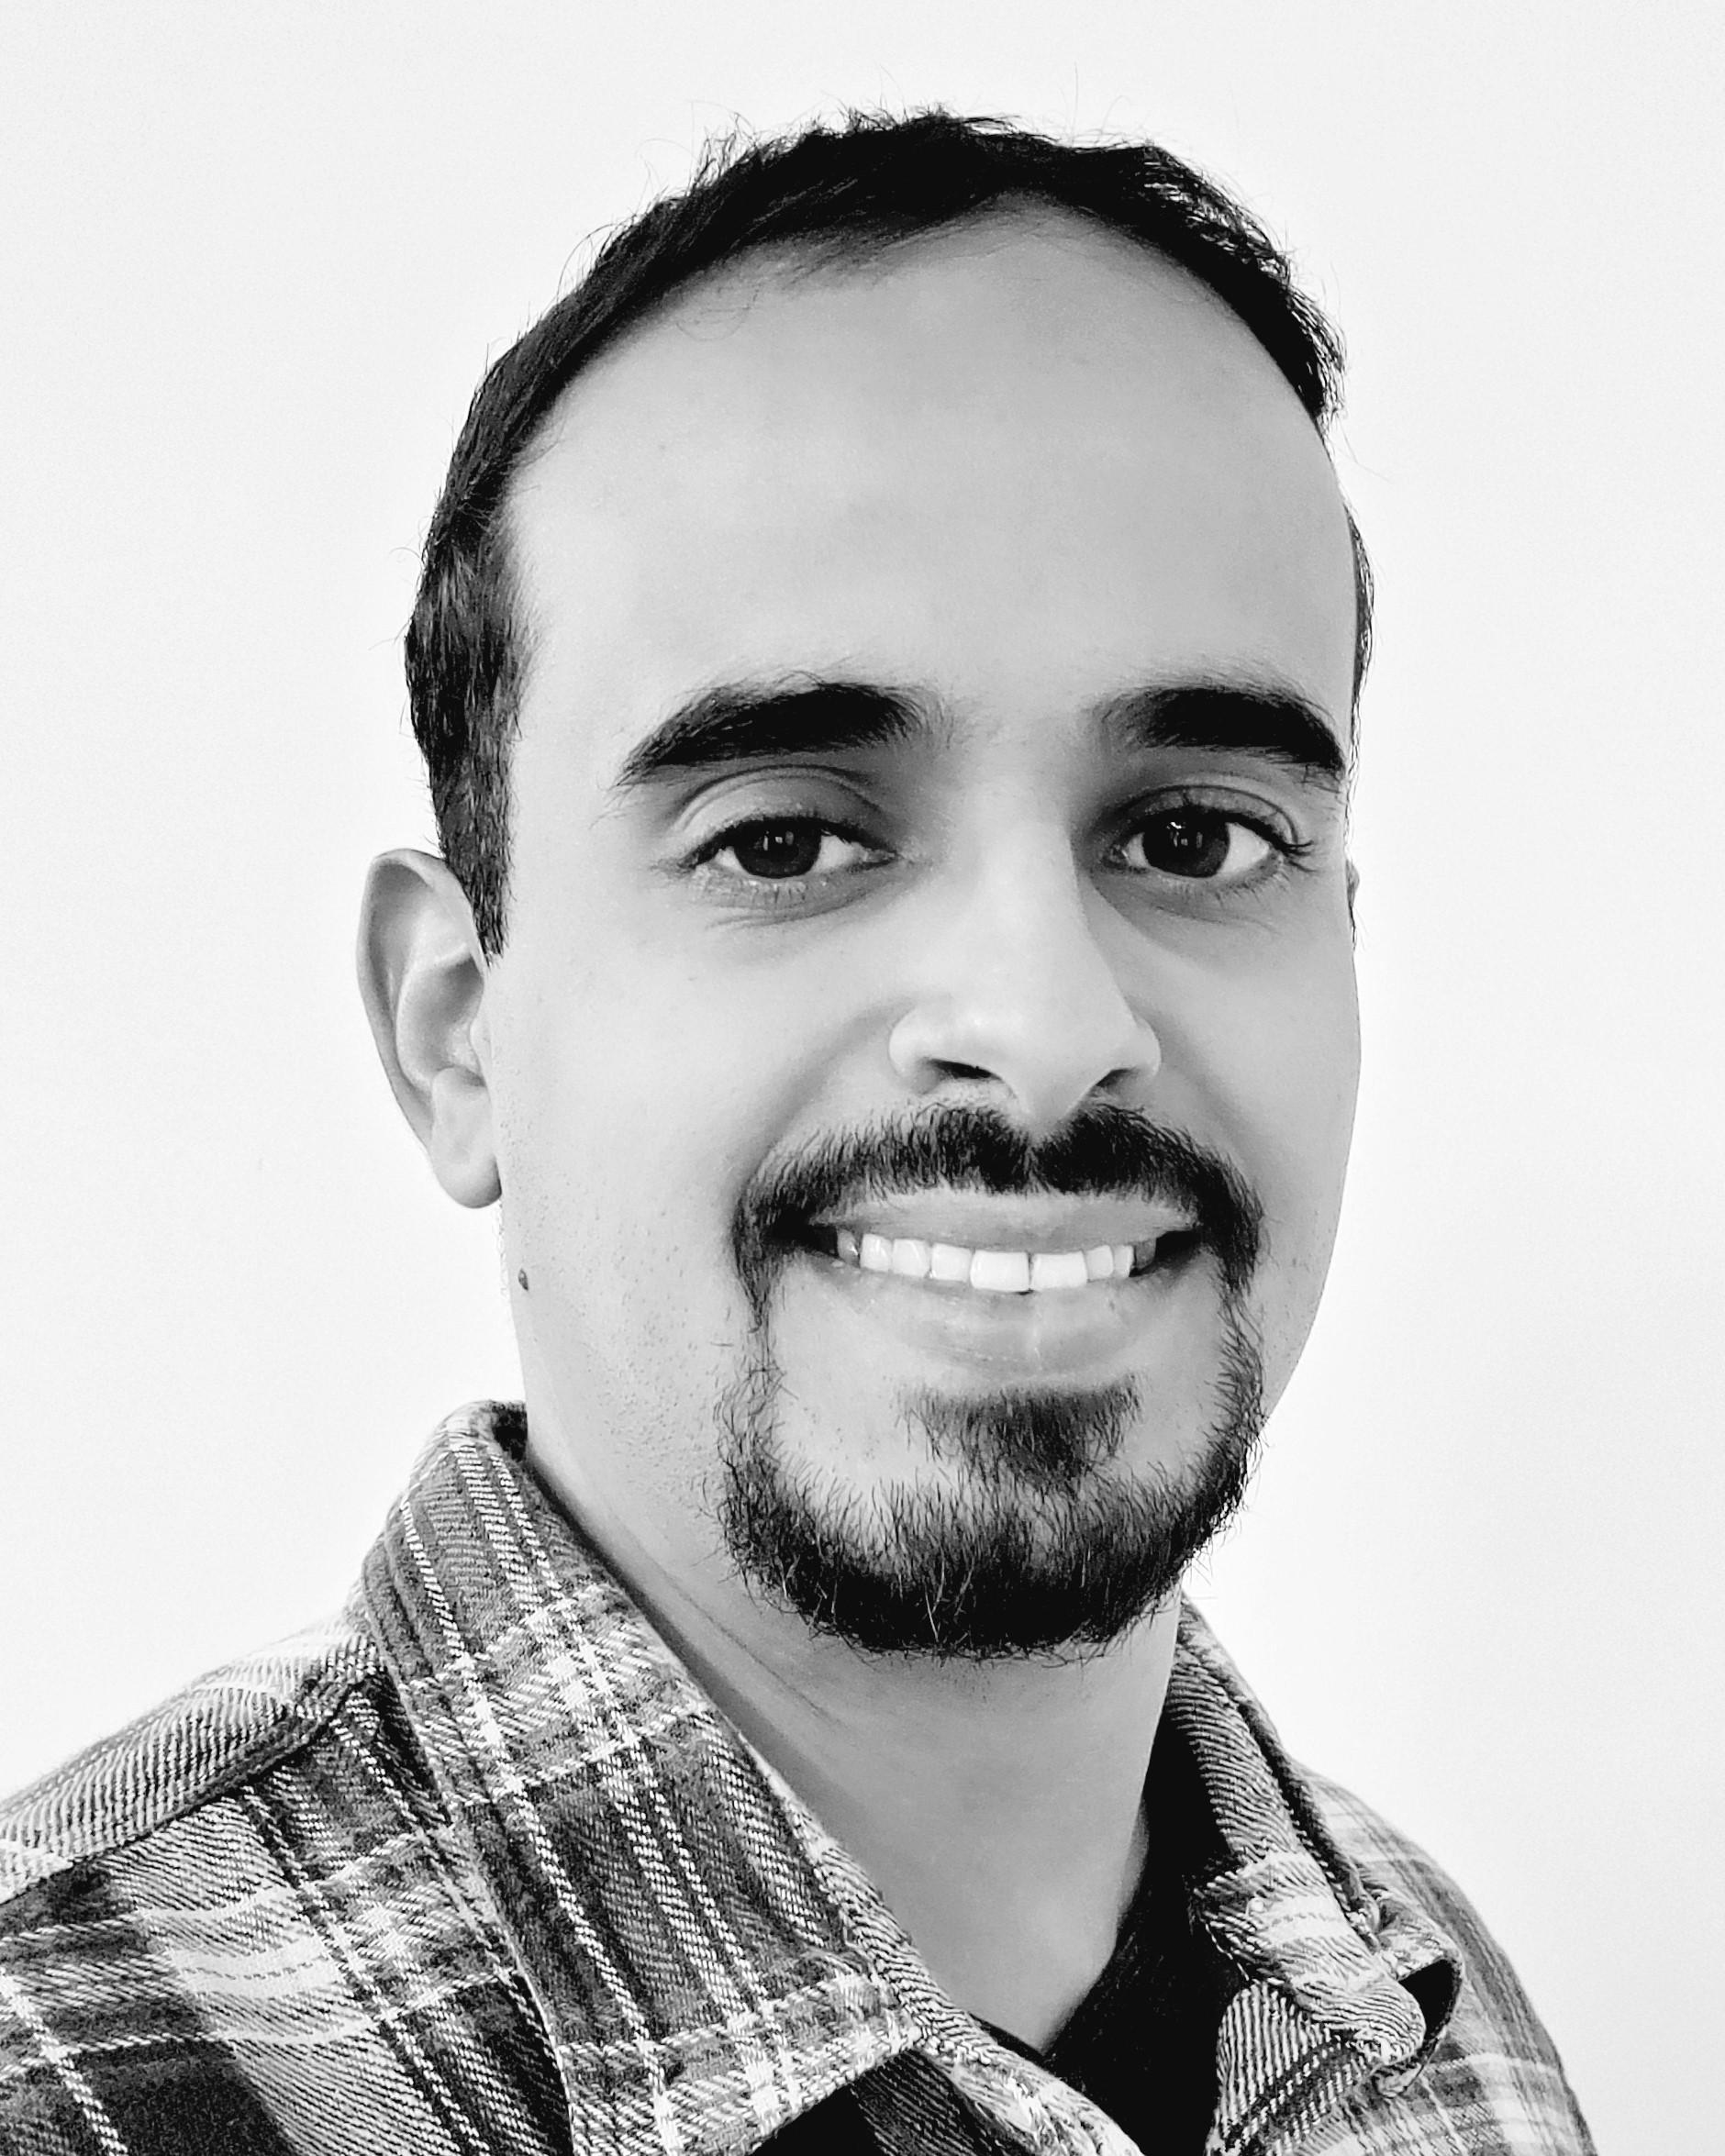 Fahad Alhomayani